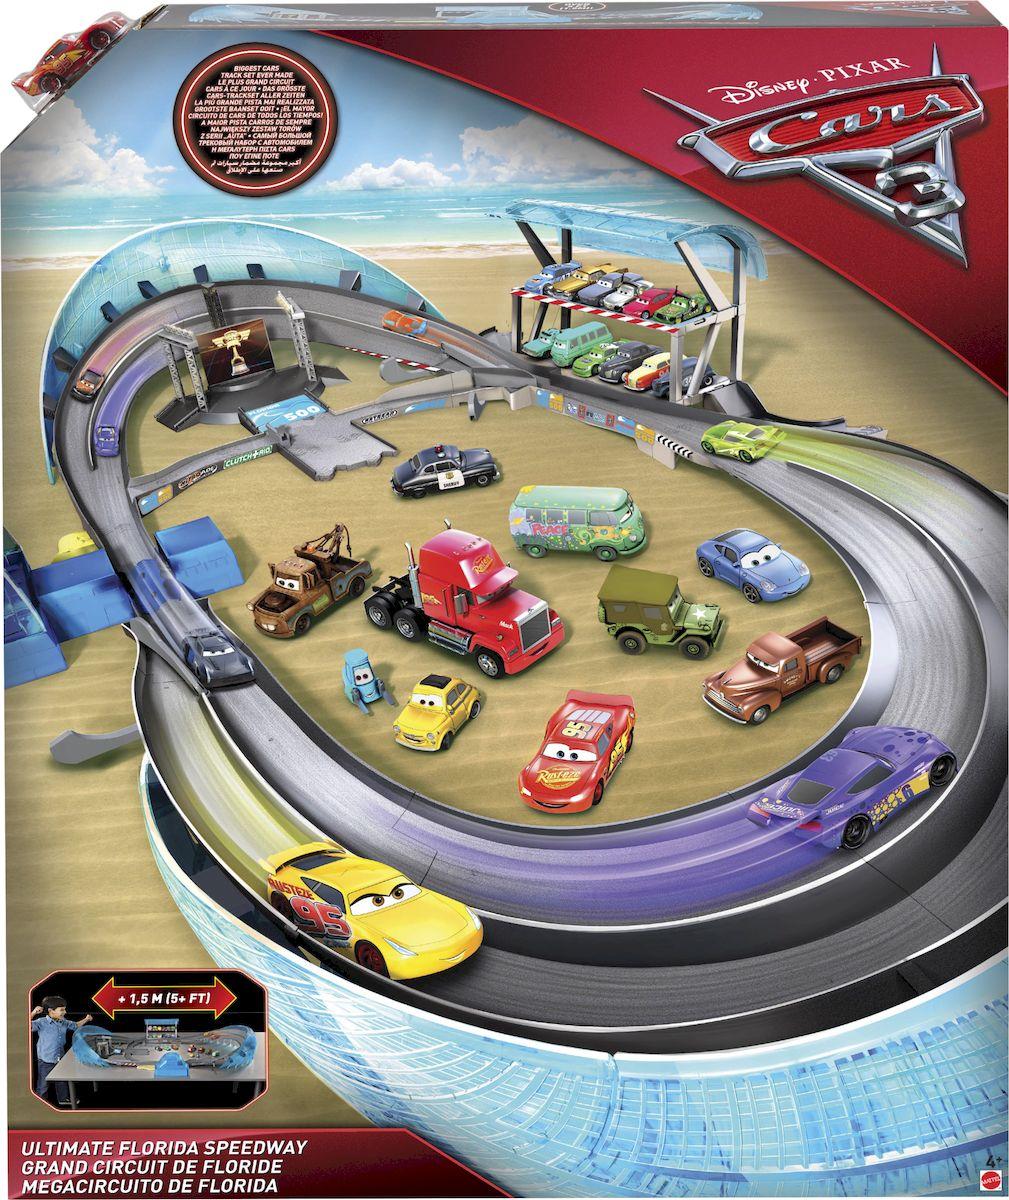 Cars Игрушечный трек Невообразимая трасса Флорида - Транспорт, машинки